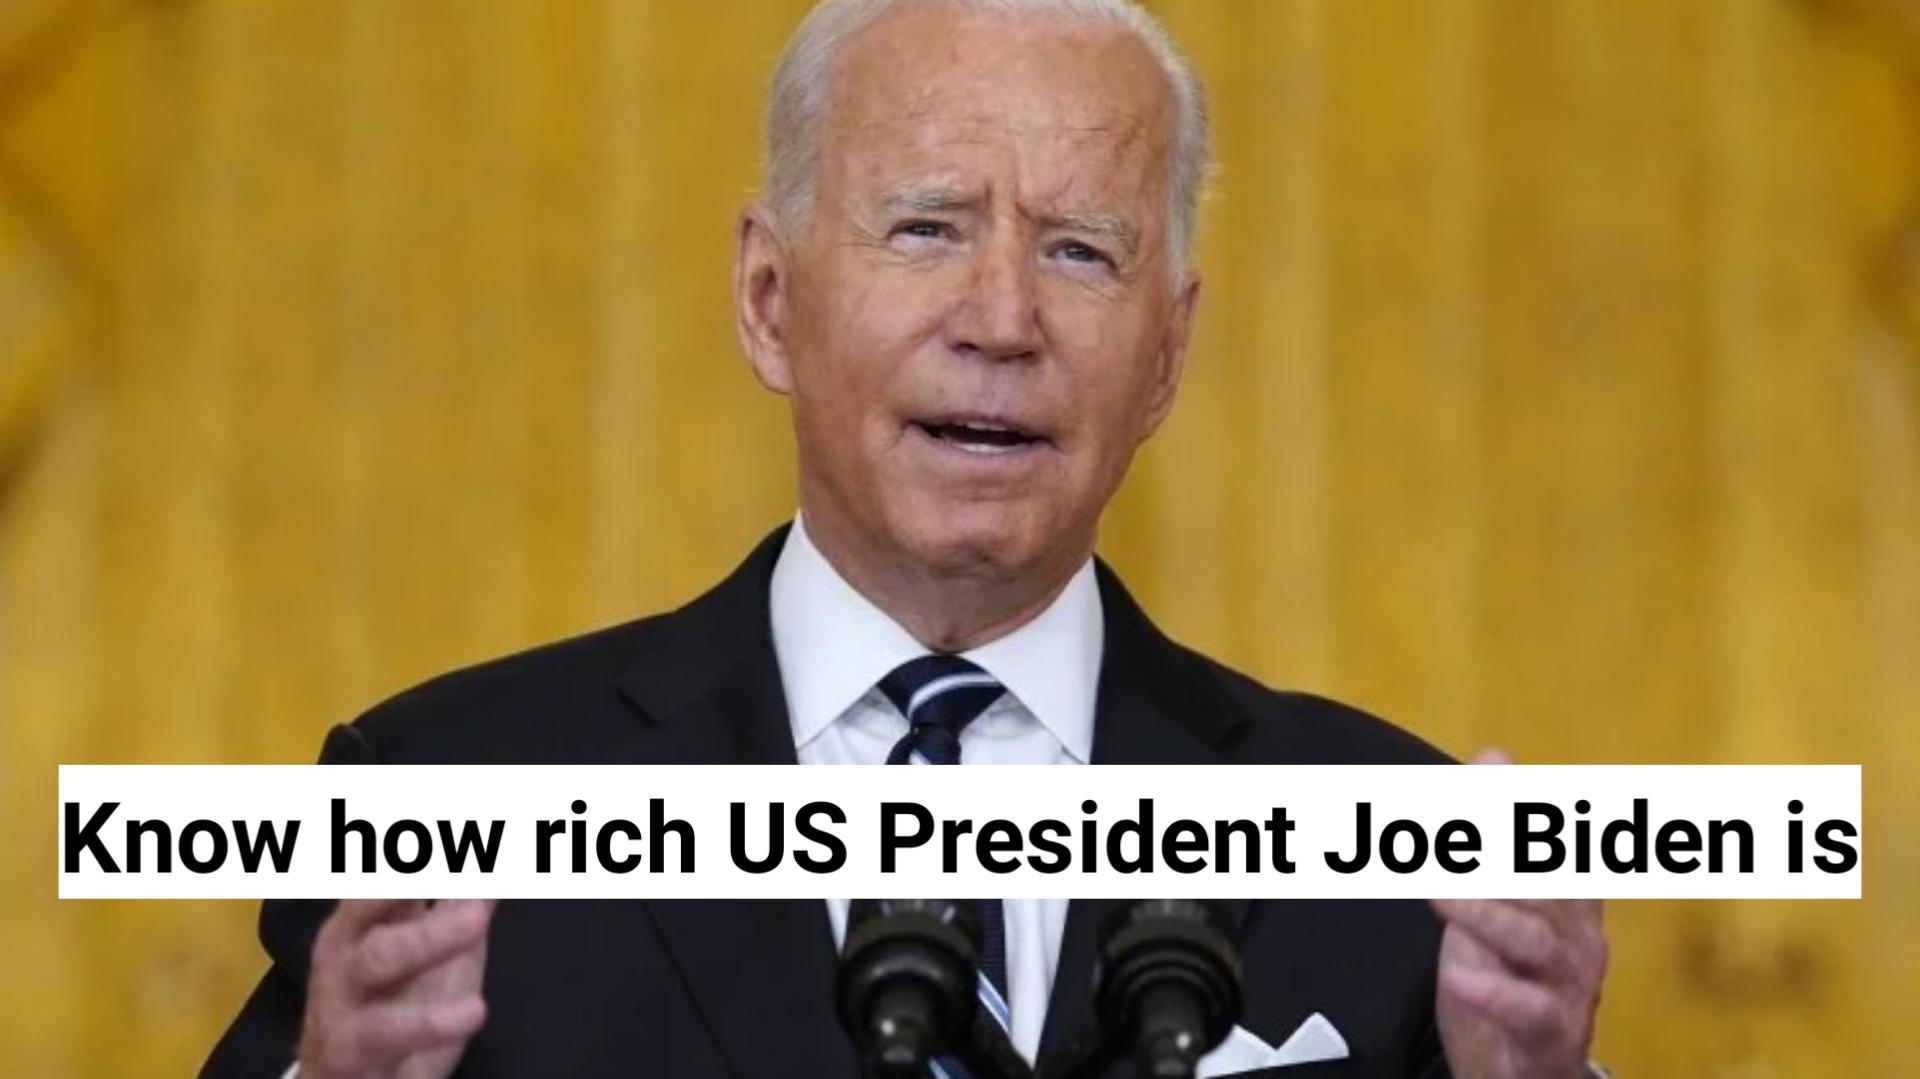 Know how rich US President Joe Biden is